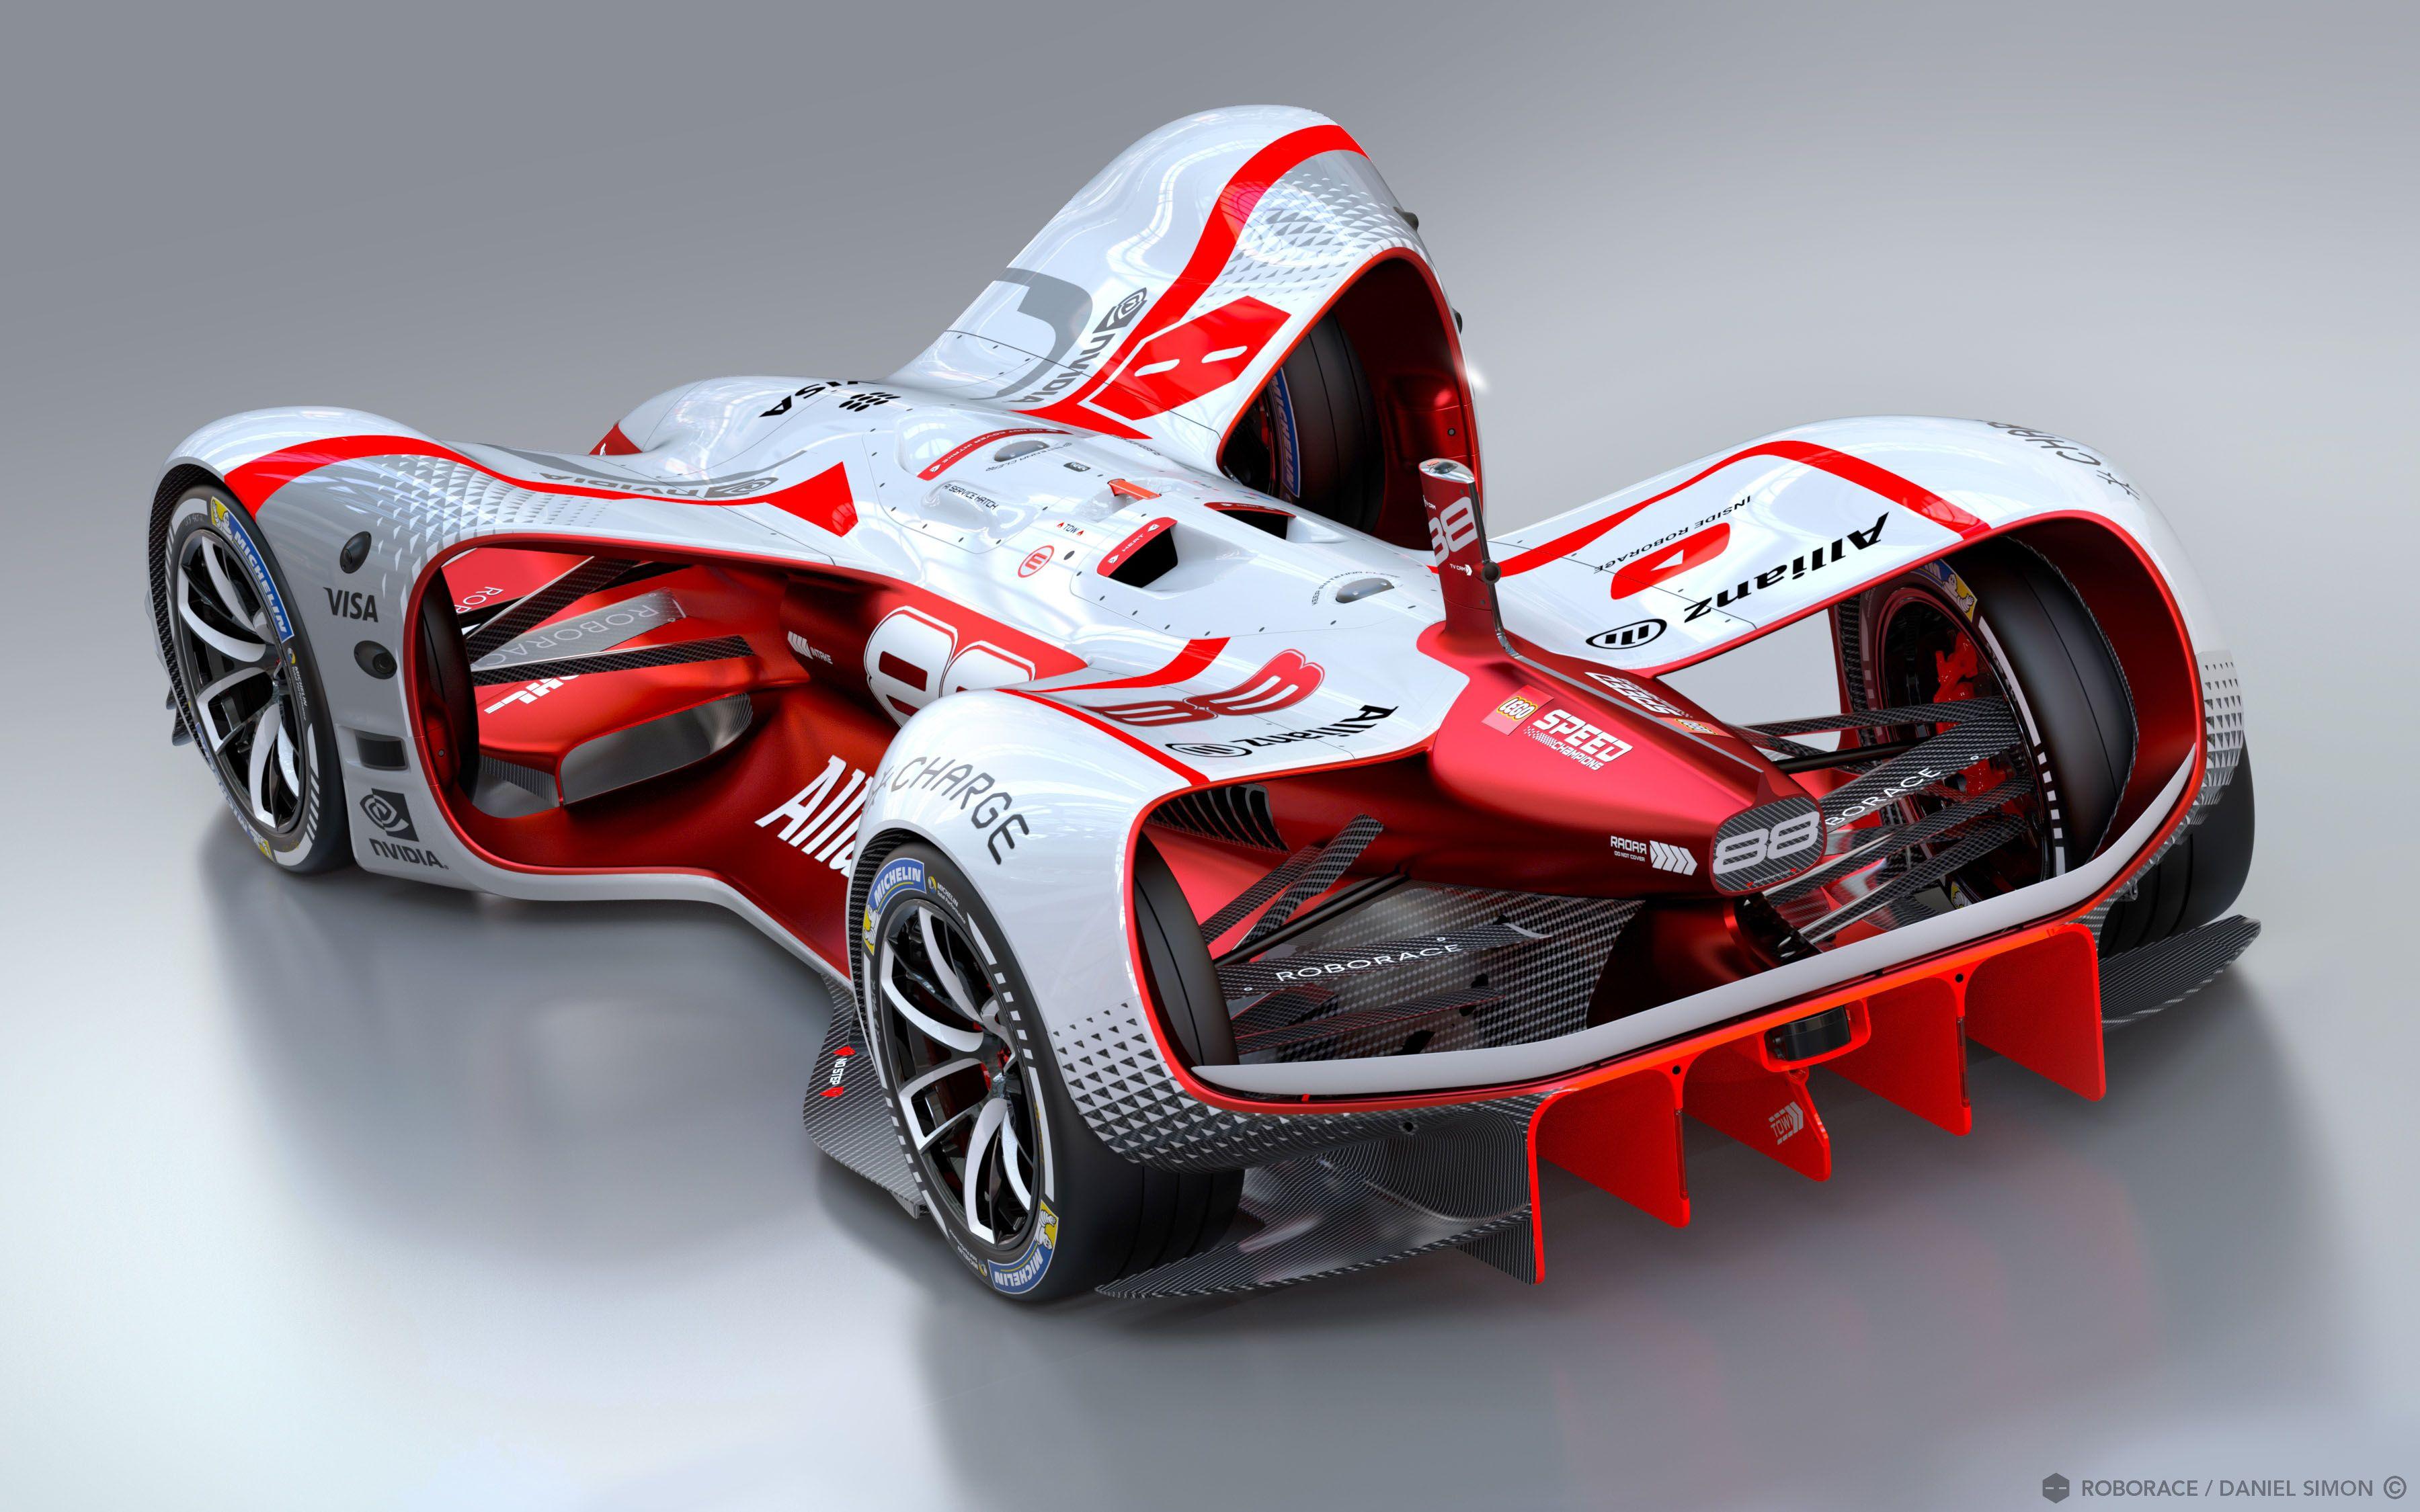 Wallpaper Roborace 10 Motorcycle Helmet Design Lamborghini Concept Concept Cars